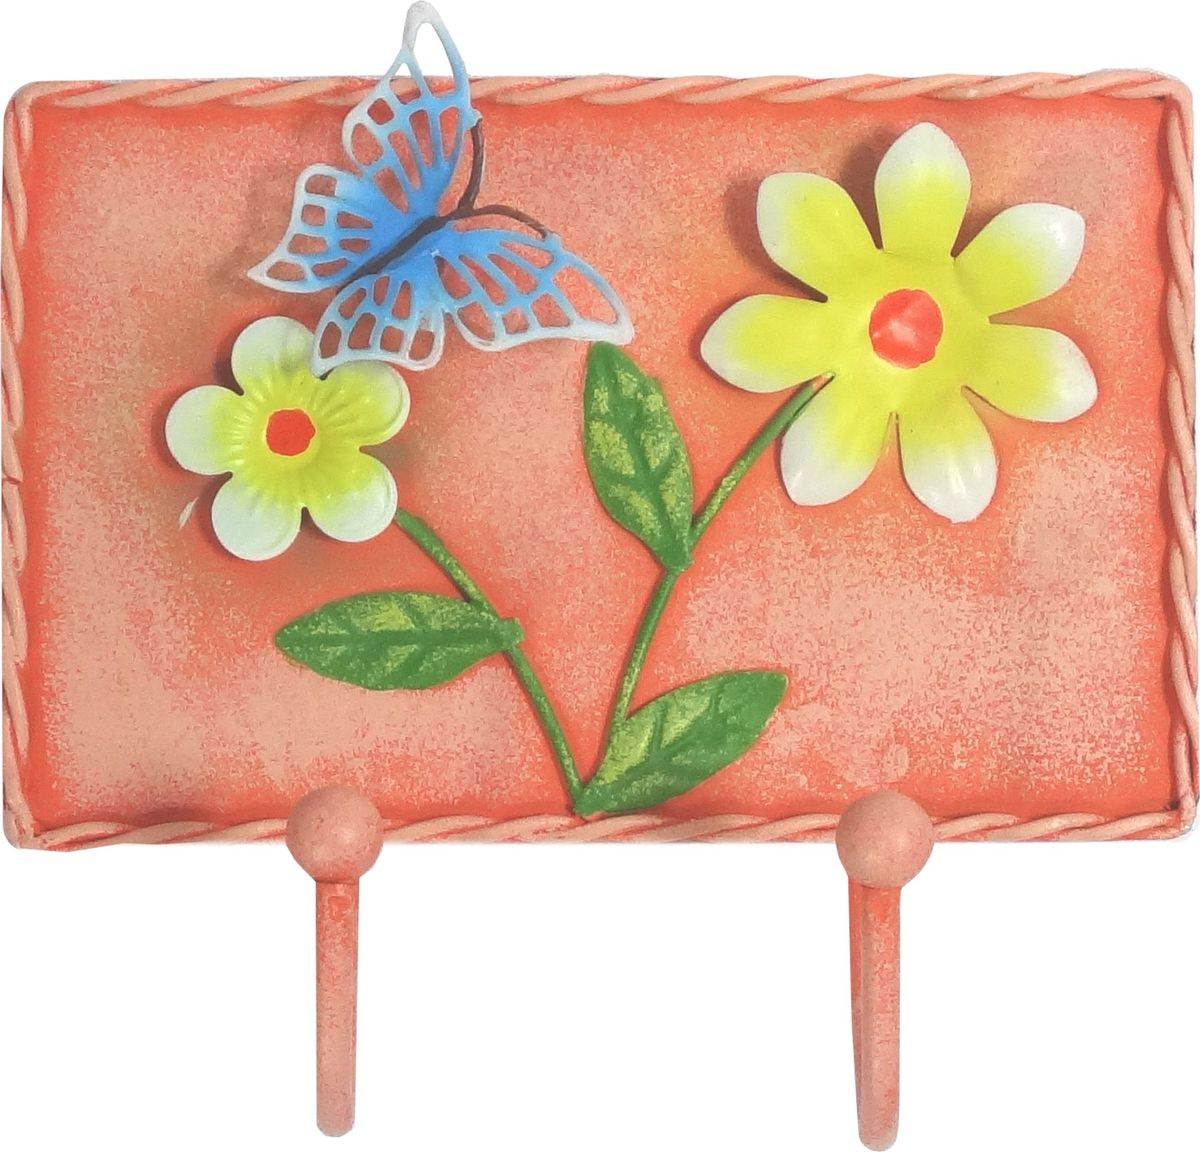 Вешалка-крючок Magic Home, двойной, цвет: оранжевый. 43886S03301004Вешалка-крючок Розовая (13,8х12,5см). Крючки настенные изготовлены из жести и оформлены красочным изображением. Вешалка имеет 2 крючка. Это изделие больше, чем просто крючки, это оригинальное интерьерное решение, которое задает настроение и стиль. Изделие не боится повседневной эксплуатации и будет служить долго.